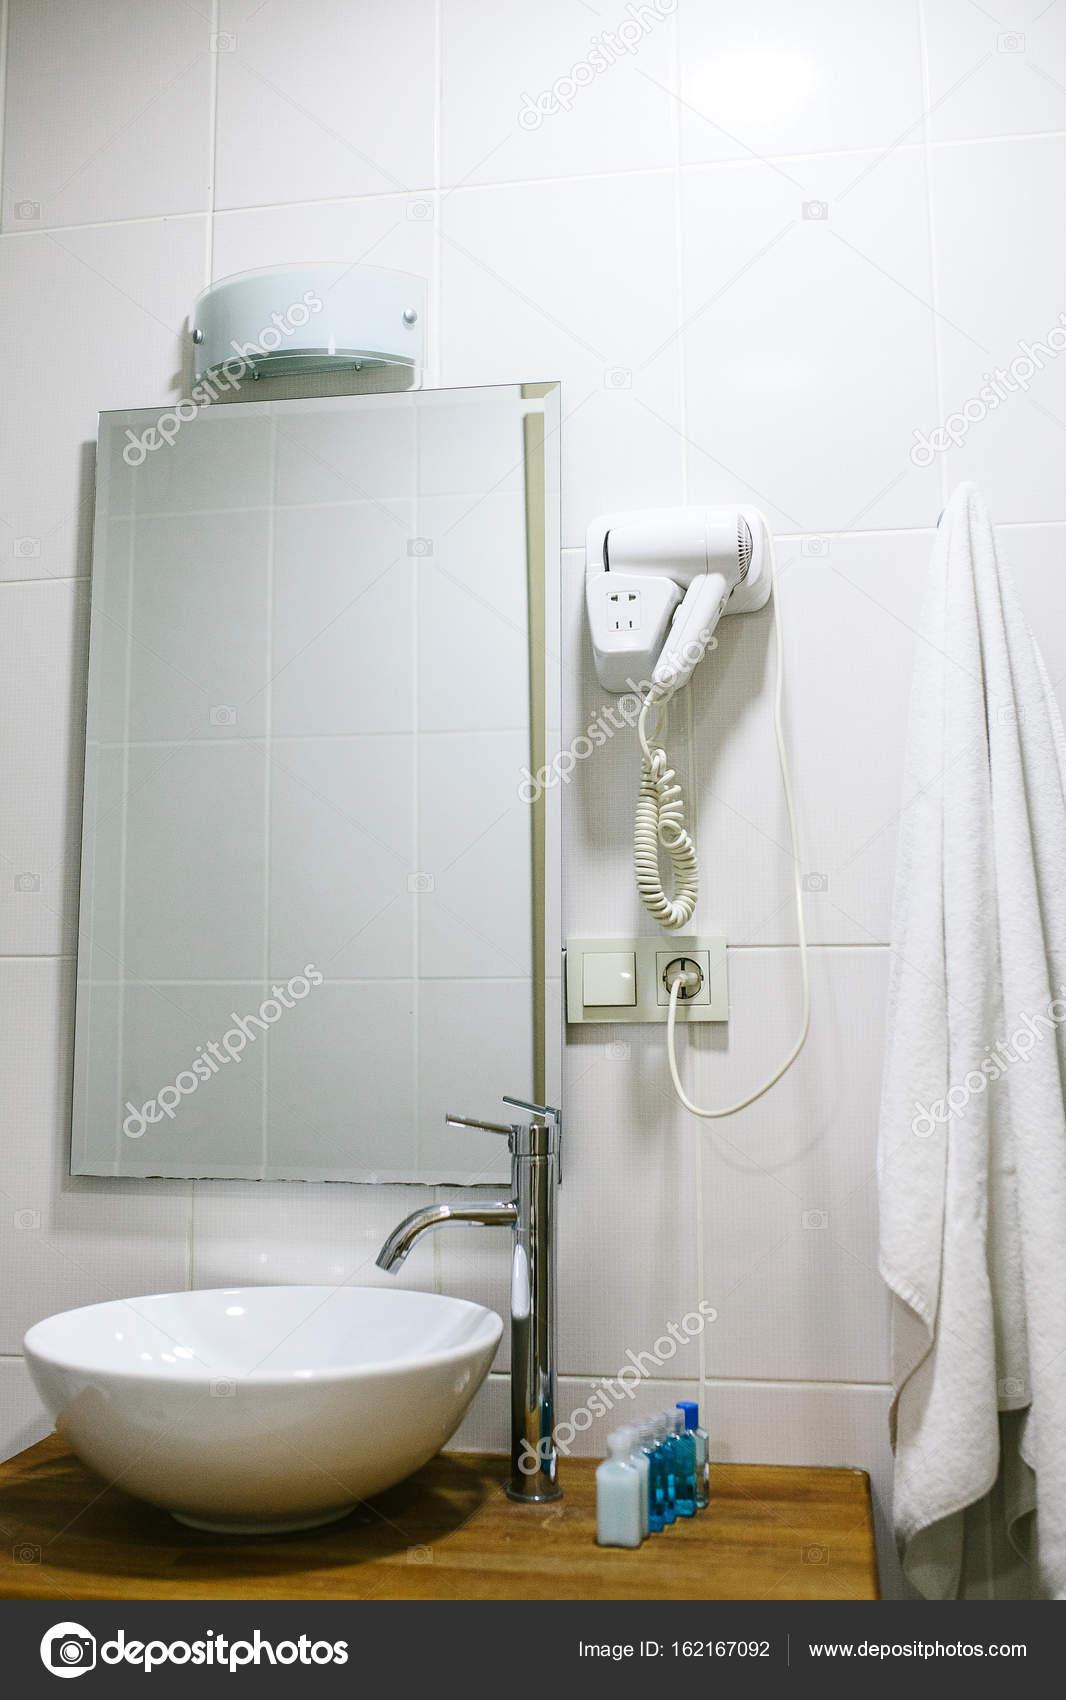 Foto: accesorios de baño | Cuarto de baño en el hotel con todos los ...